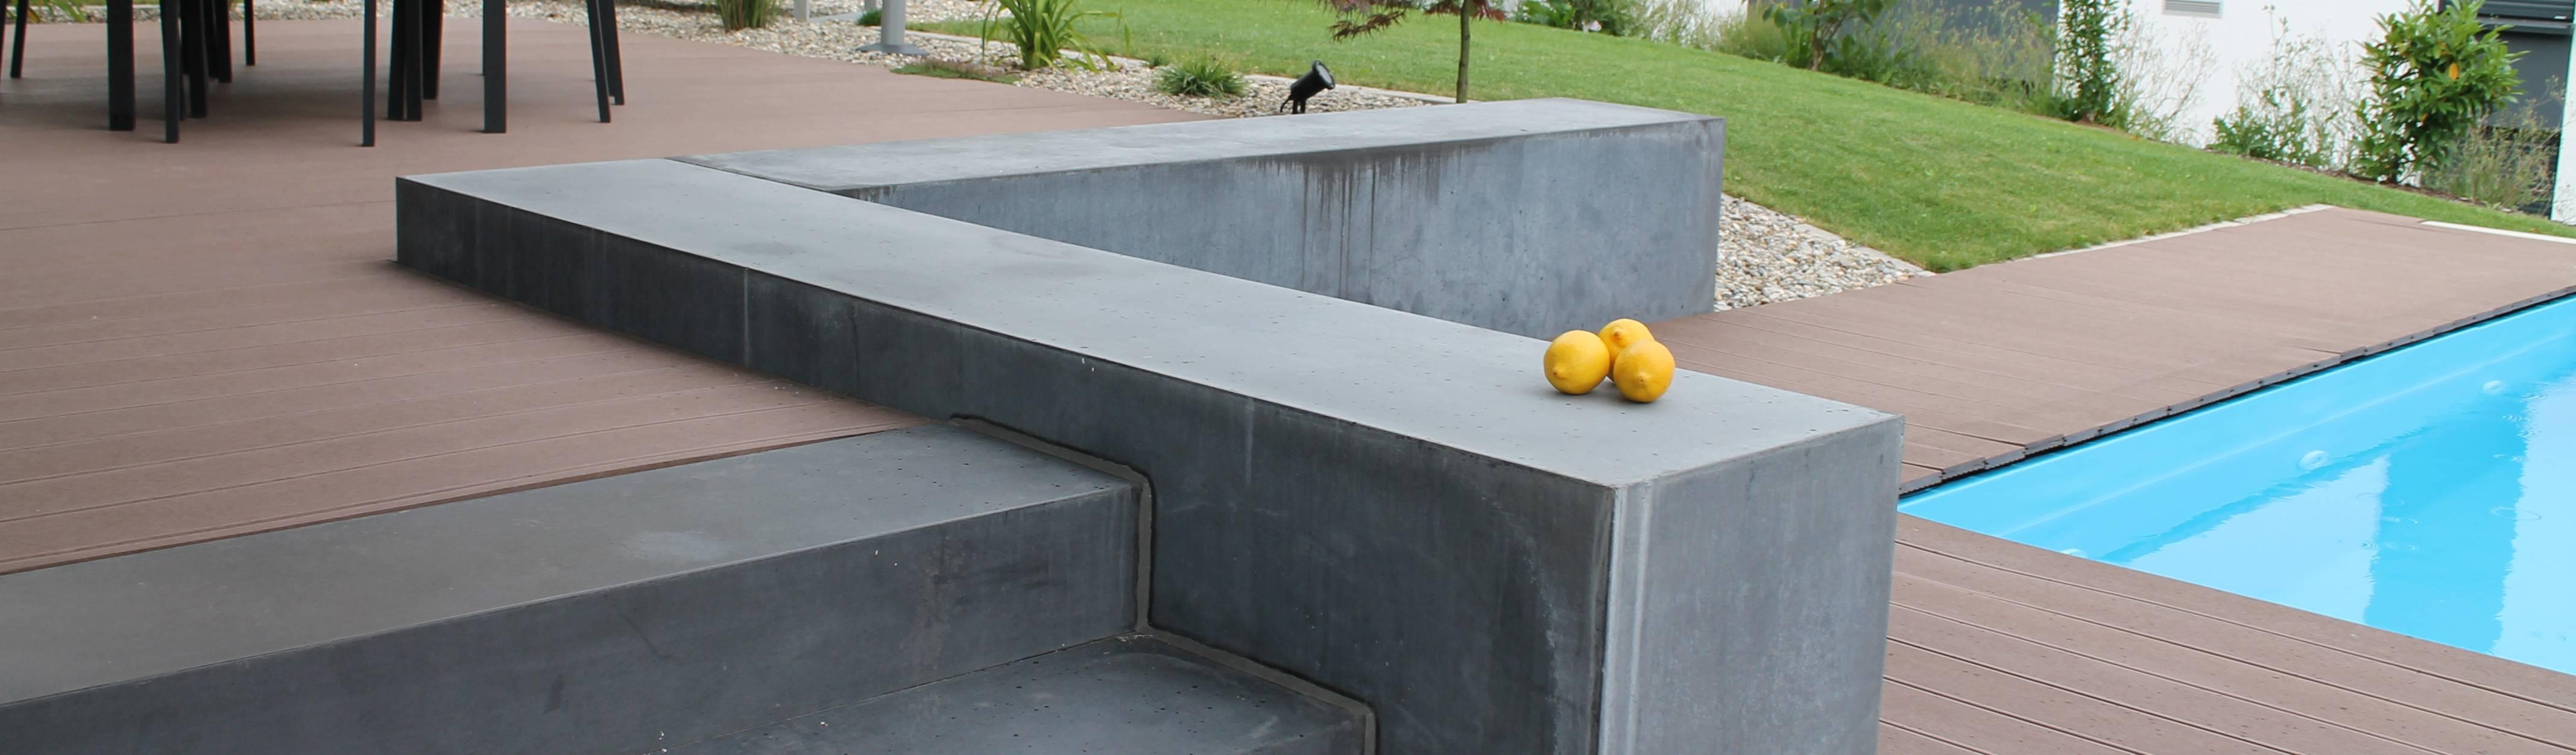 Lemoni GartenDesign